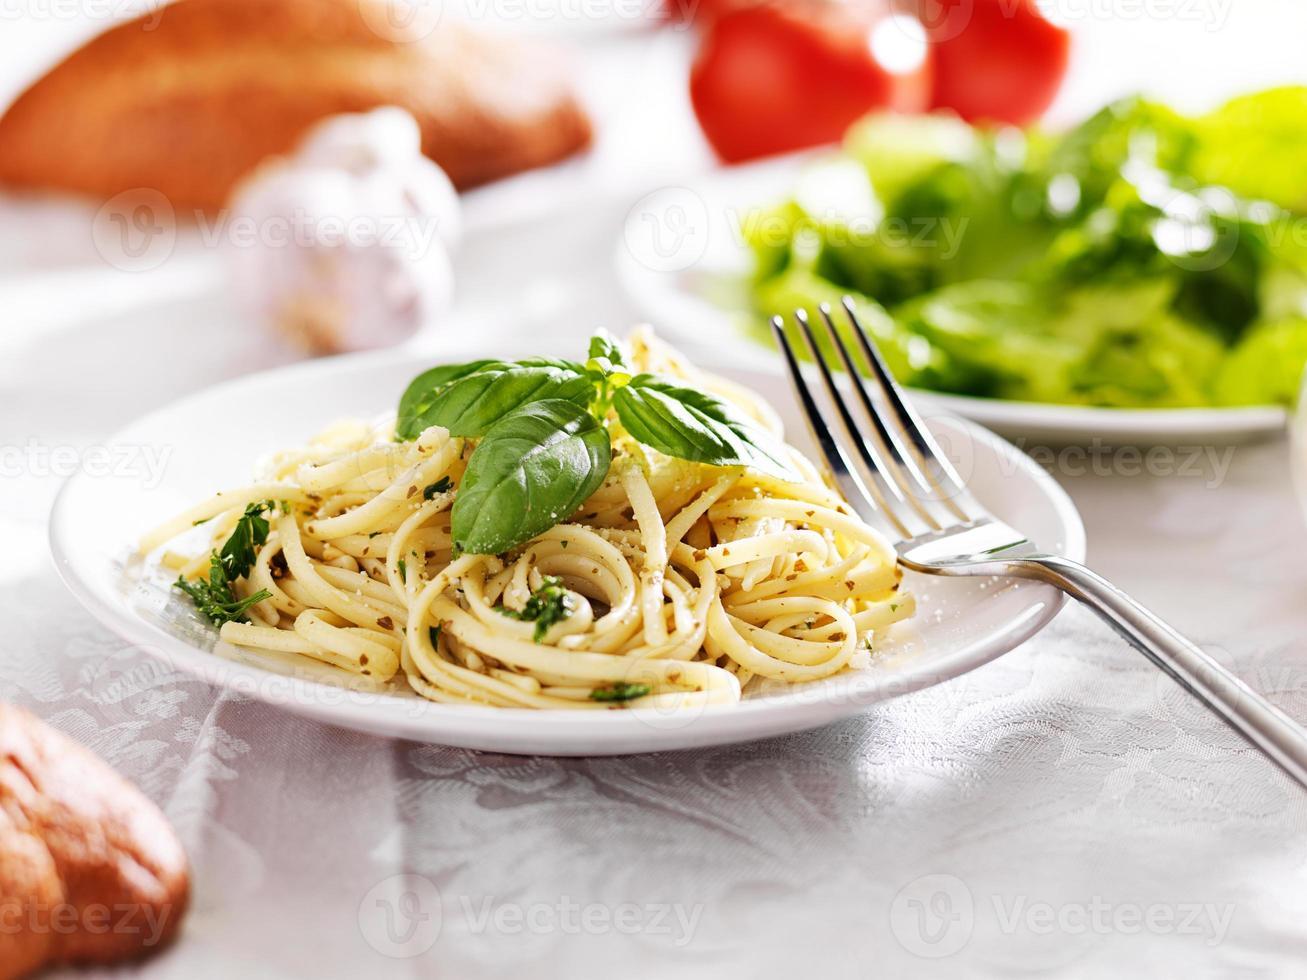 plaat van Italiaanse spaghetti met pestosaus foto